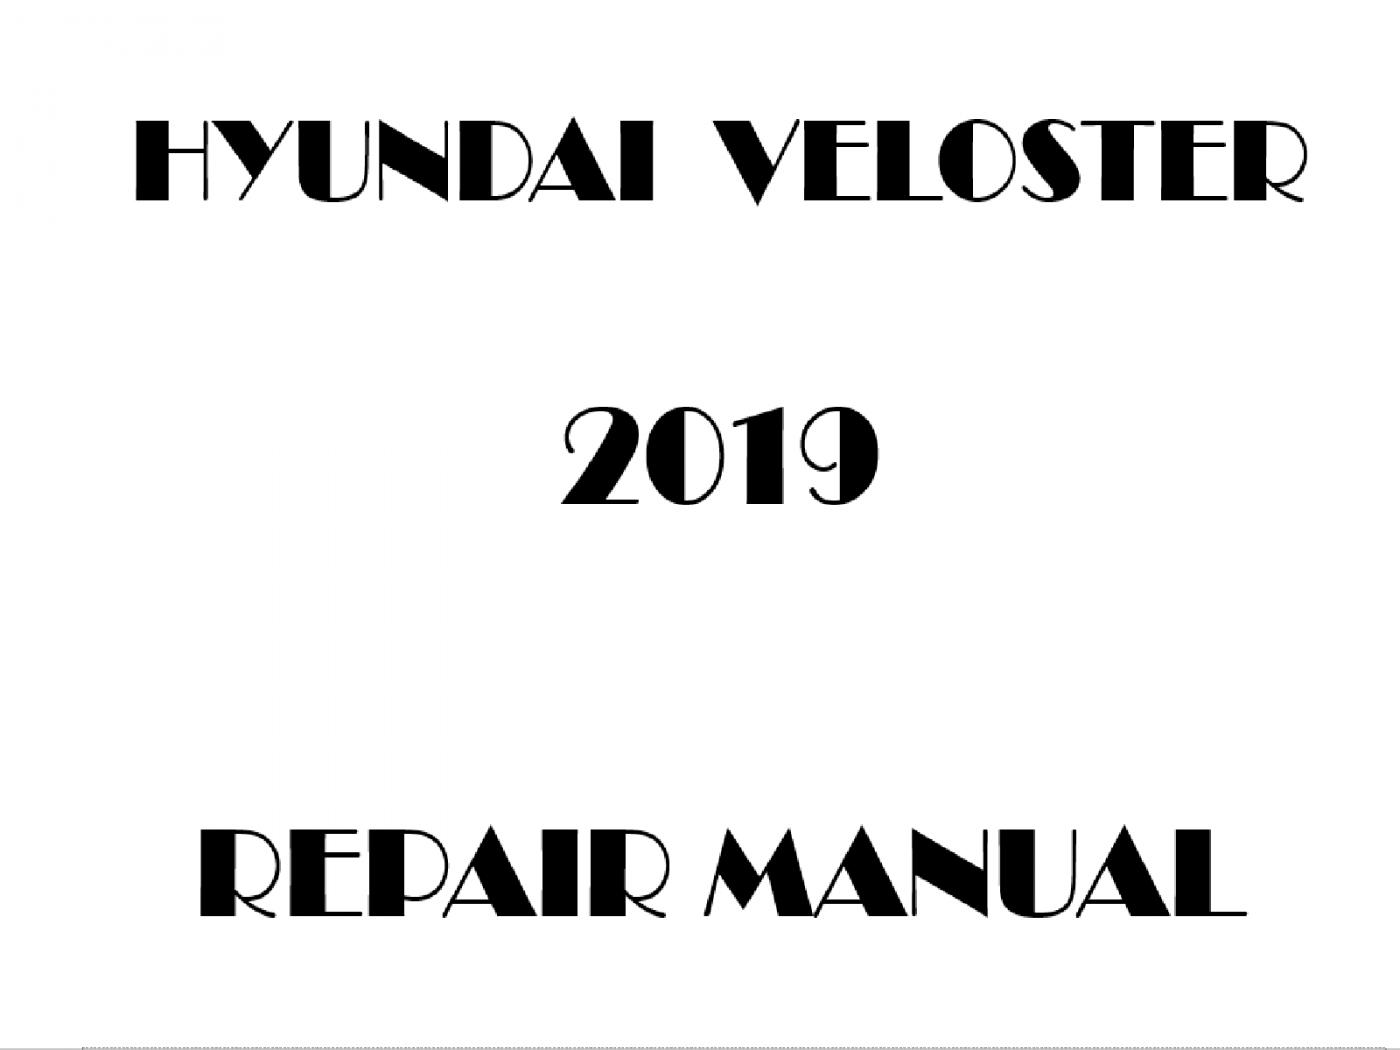 2019 Hyundai Veloster repair manual